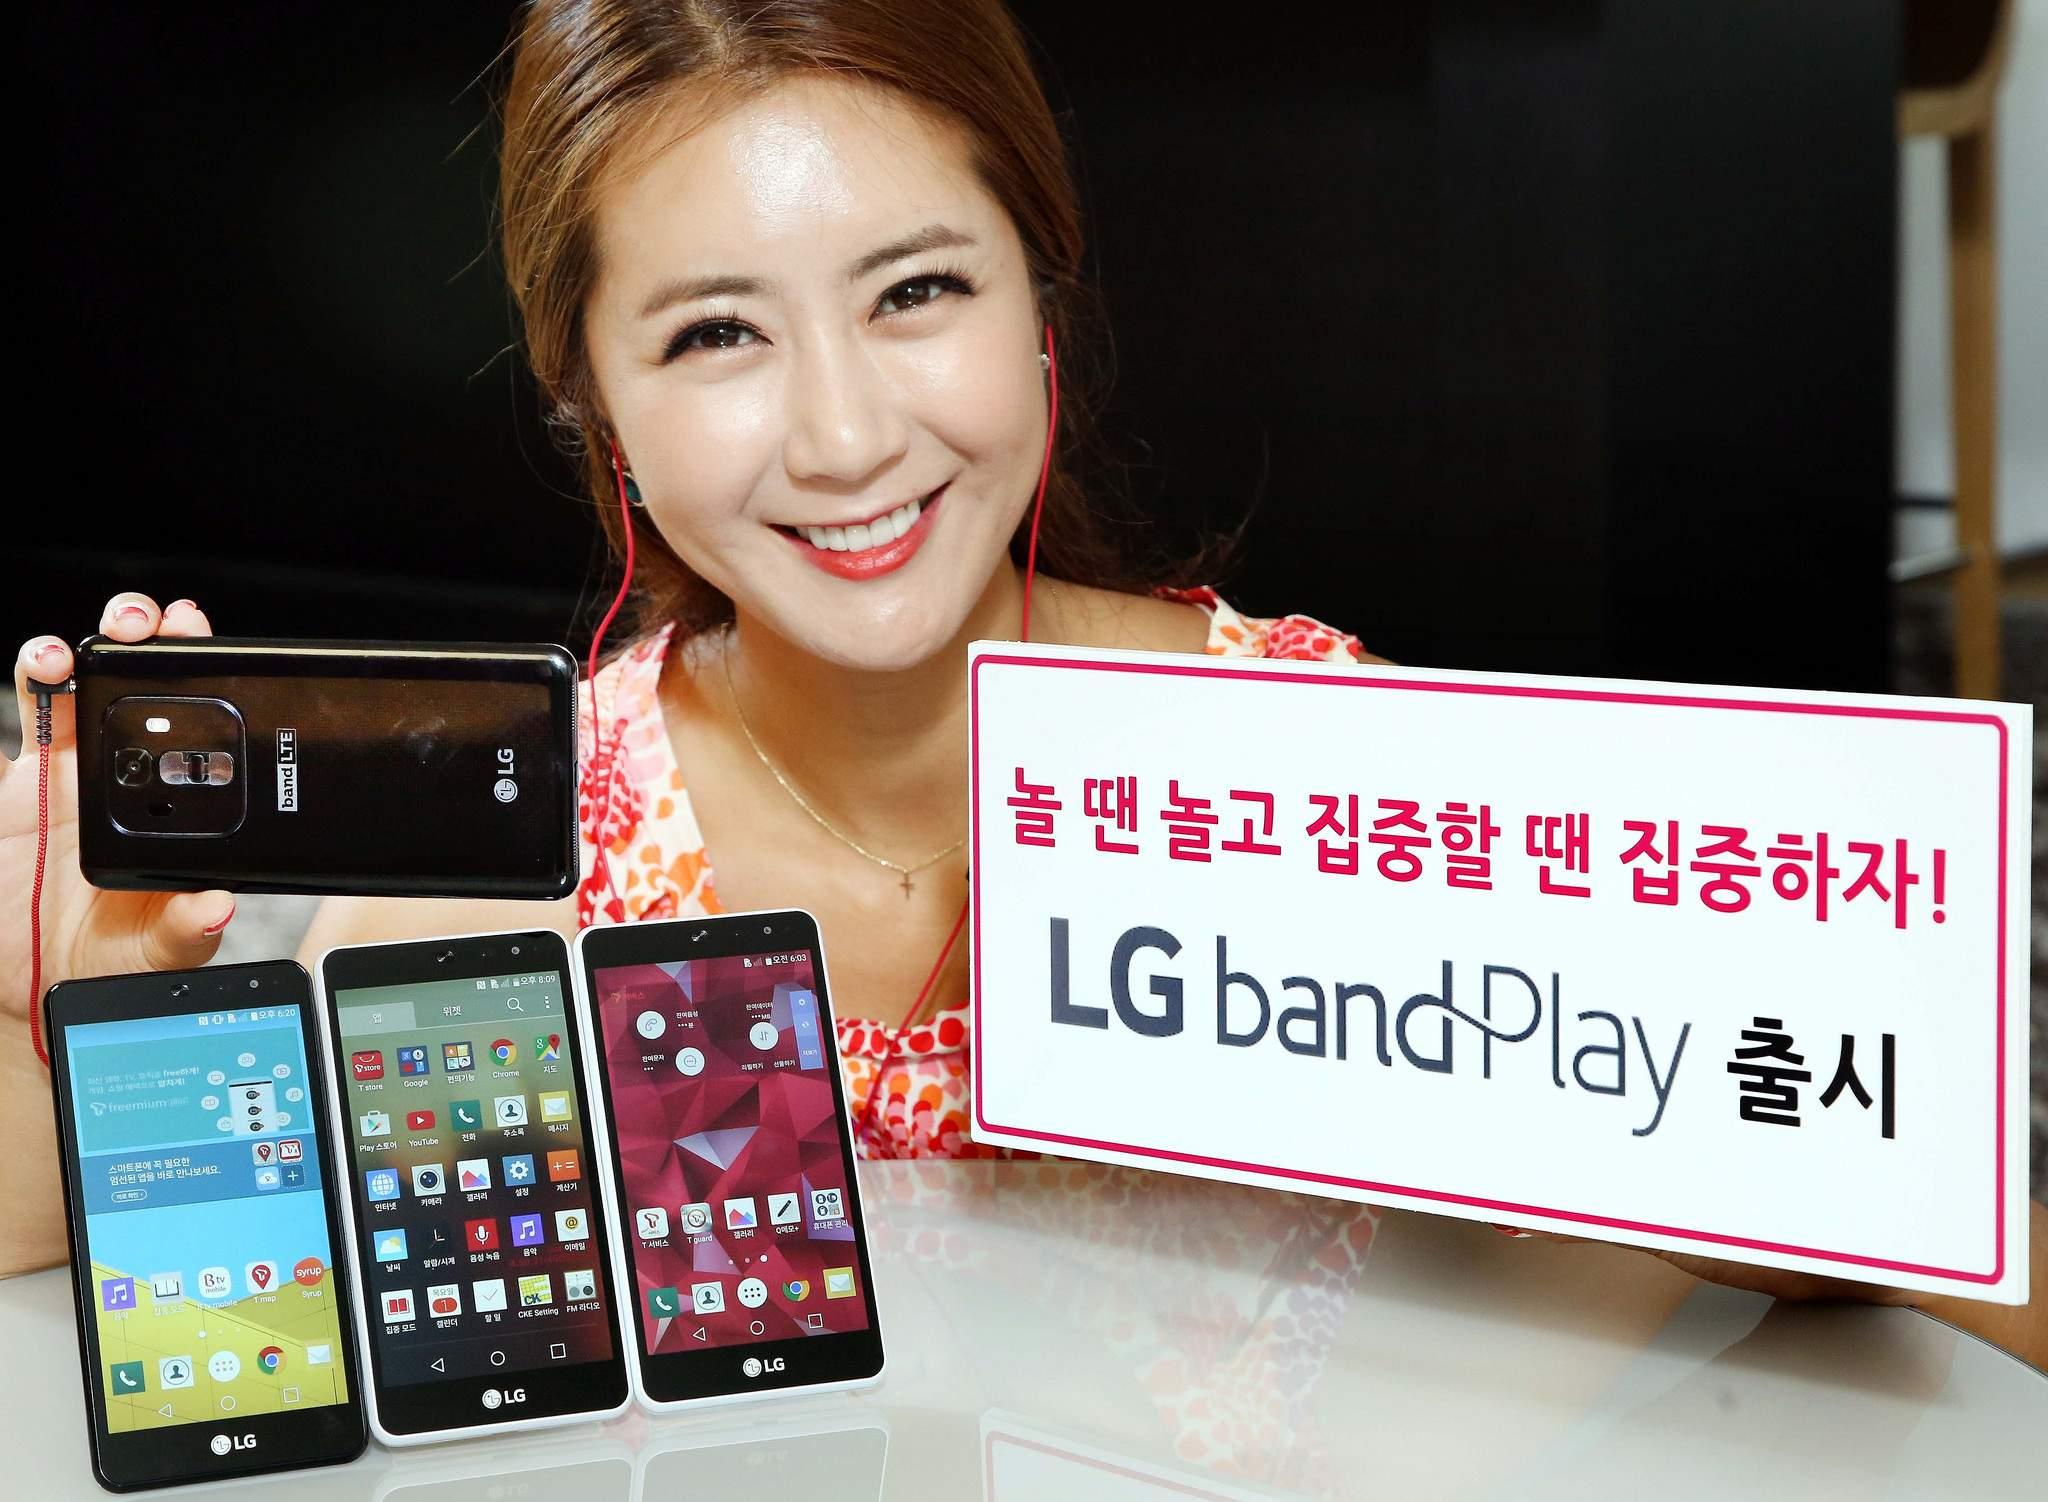 Band Play, Handphone Musik dari LG